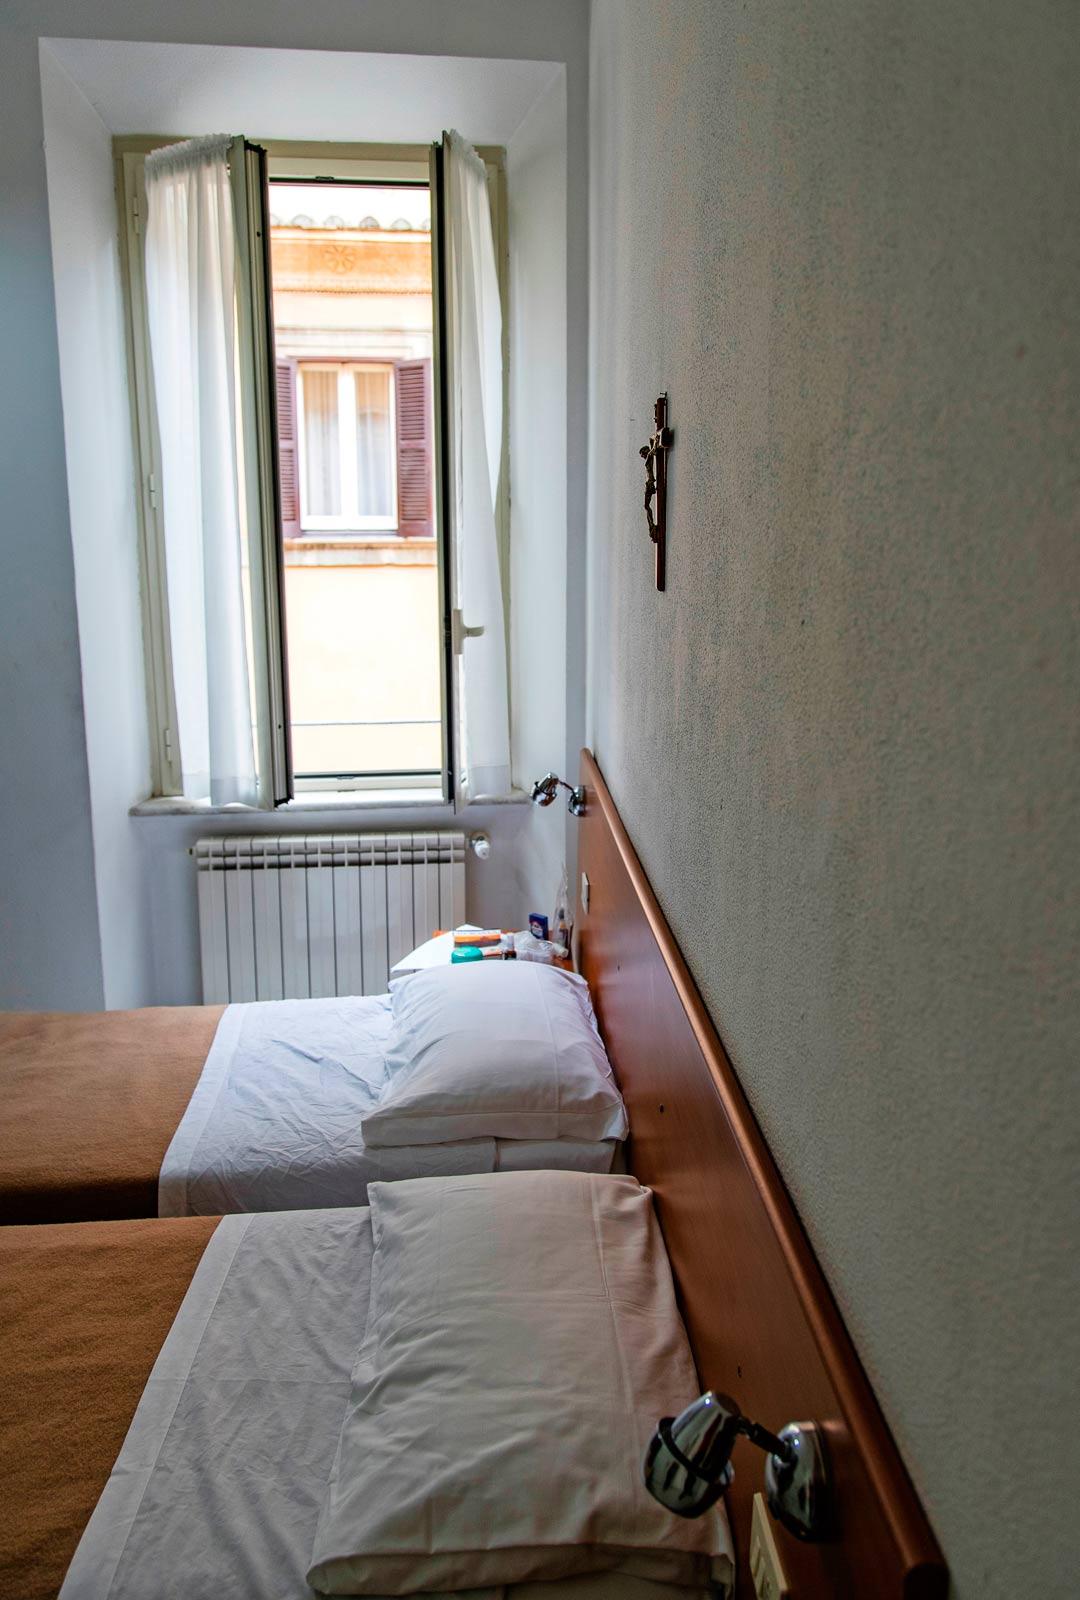 Luostarin hostelli